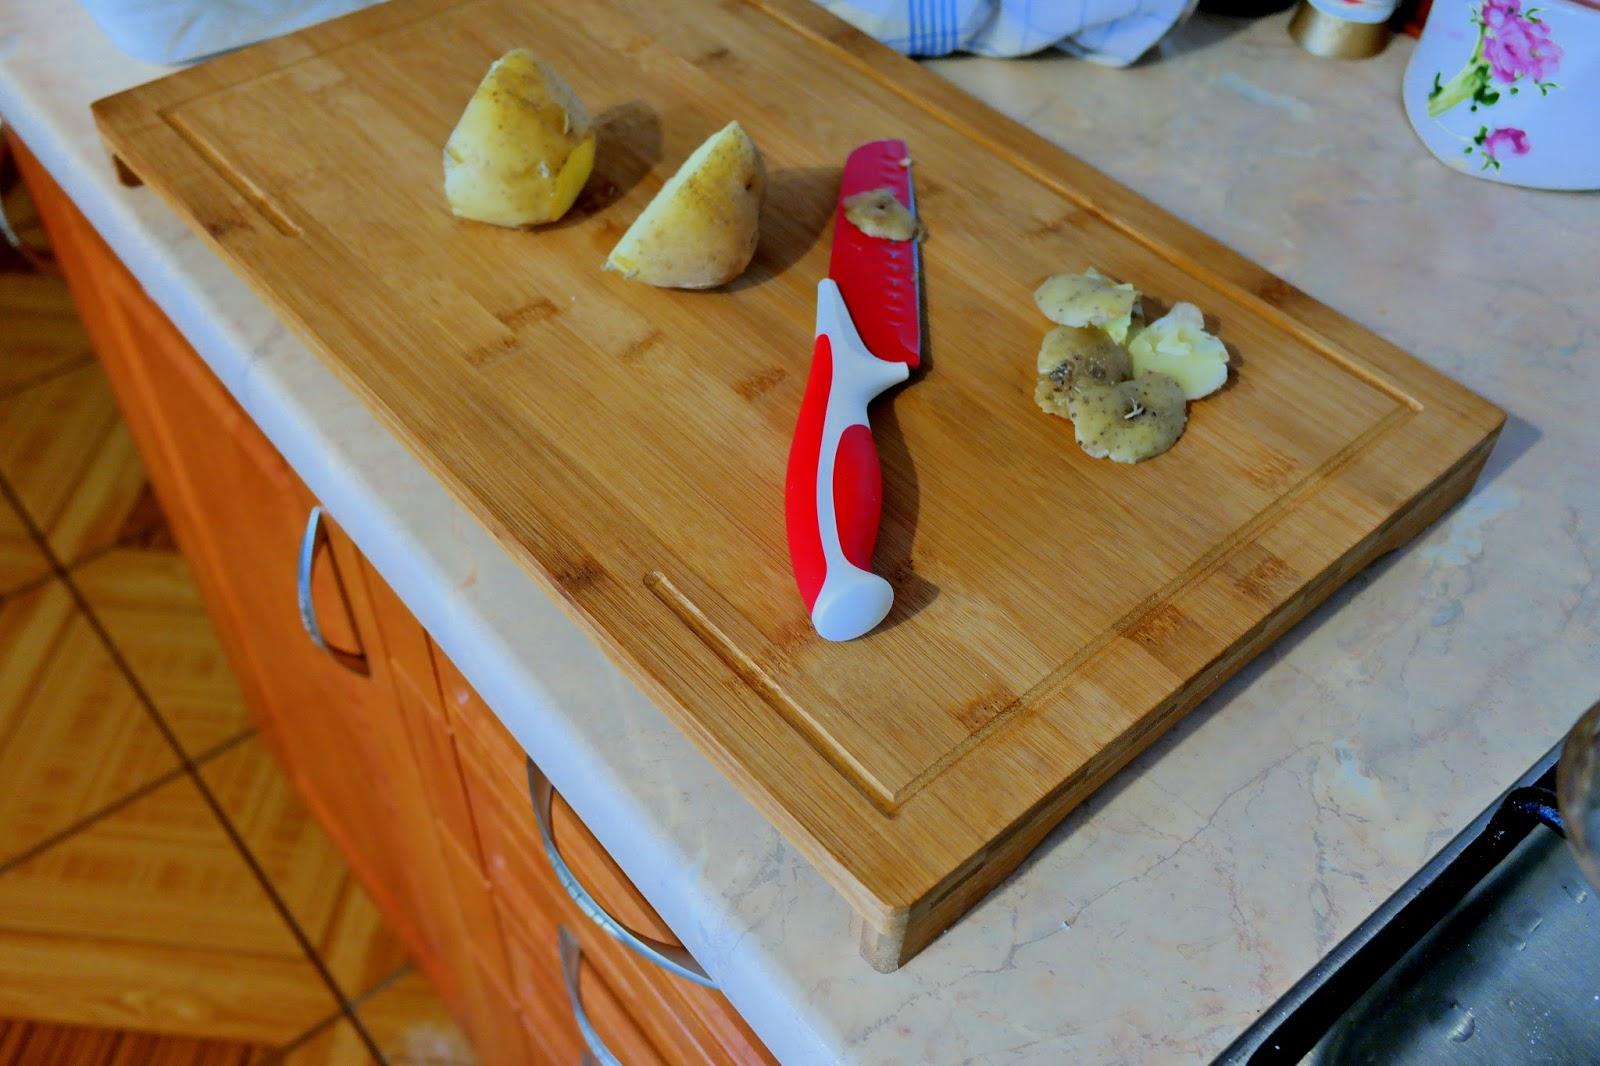 Przygotowywanie ziemniaków na desce bambusowej (do kupienia tutaj)